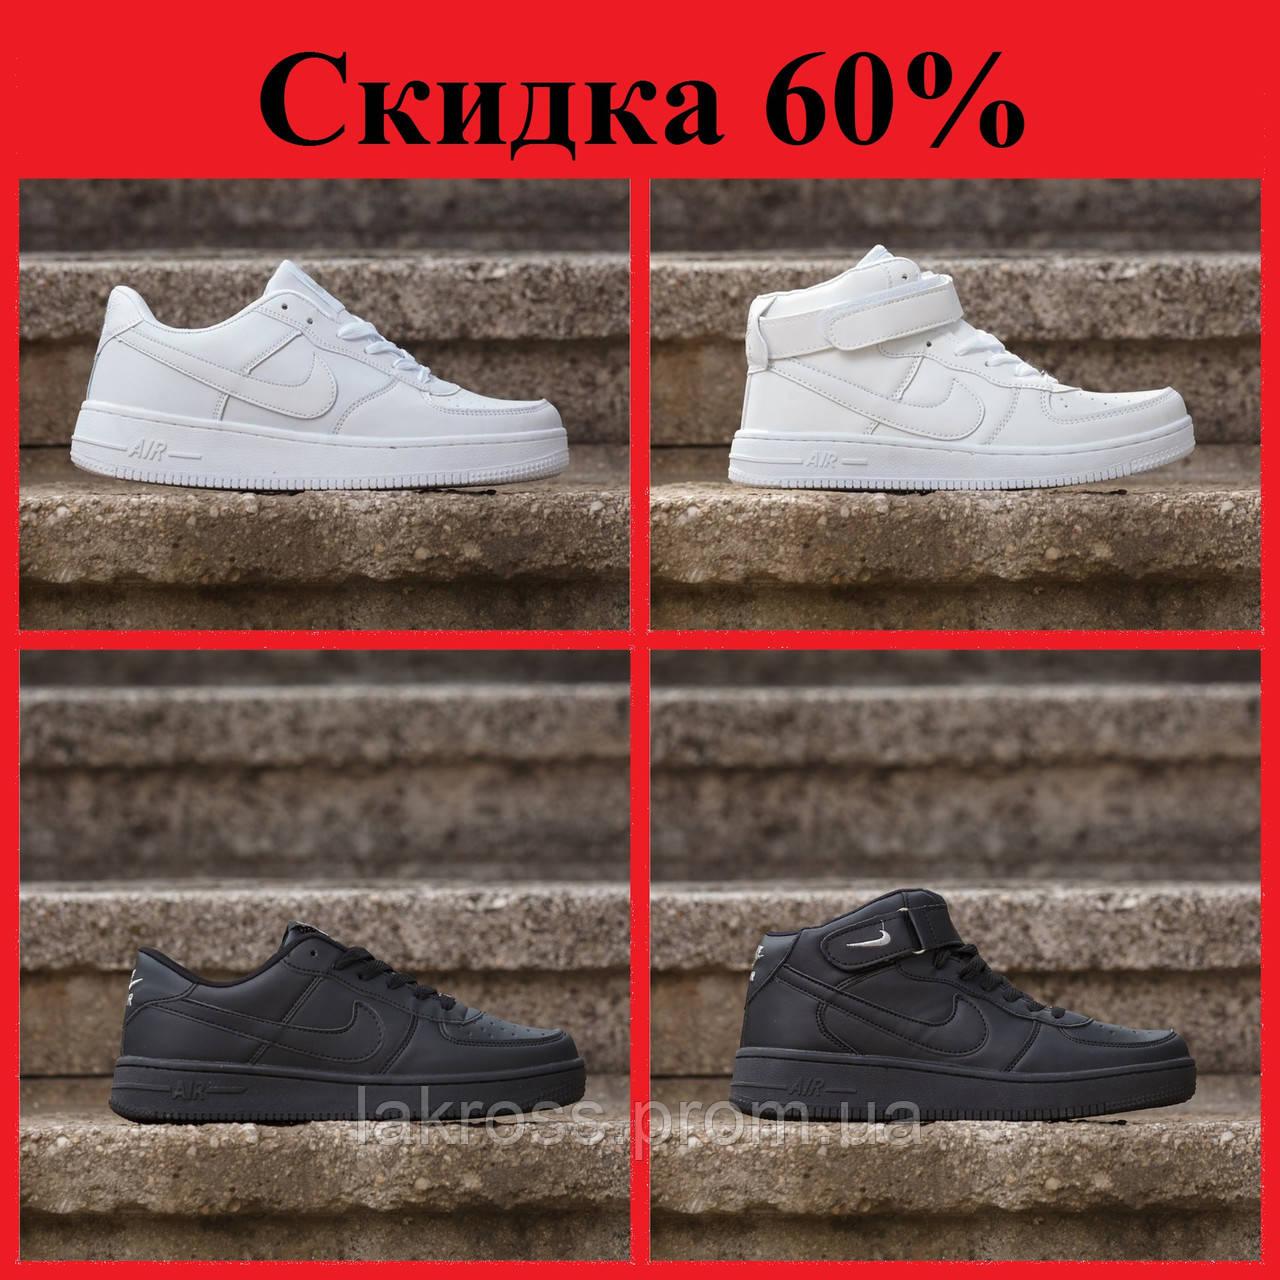 7f425be5 СКИДКА 60% Nike Air Force Найк Аир Форс Кроссовки - Интернет-магазин  кроссовок в